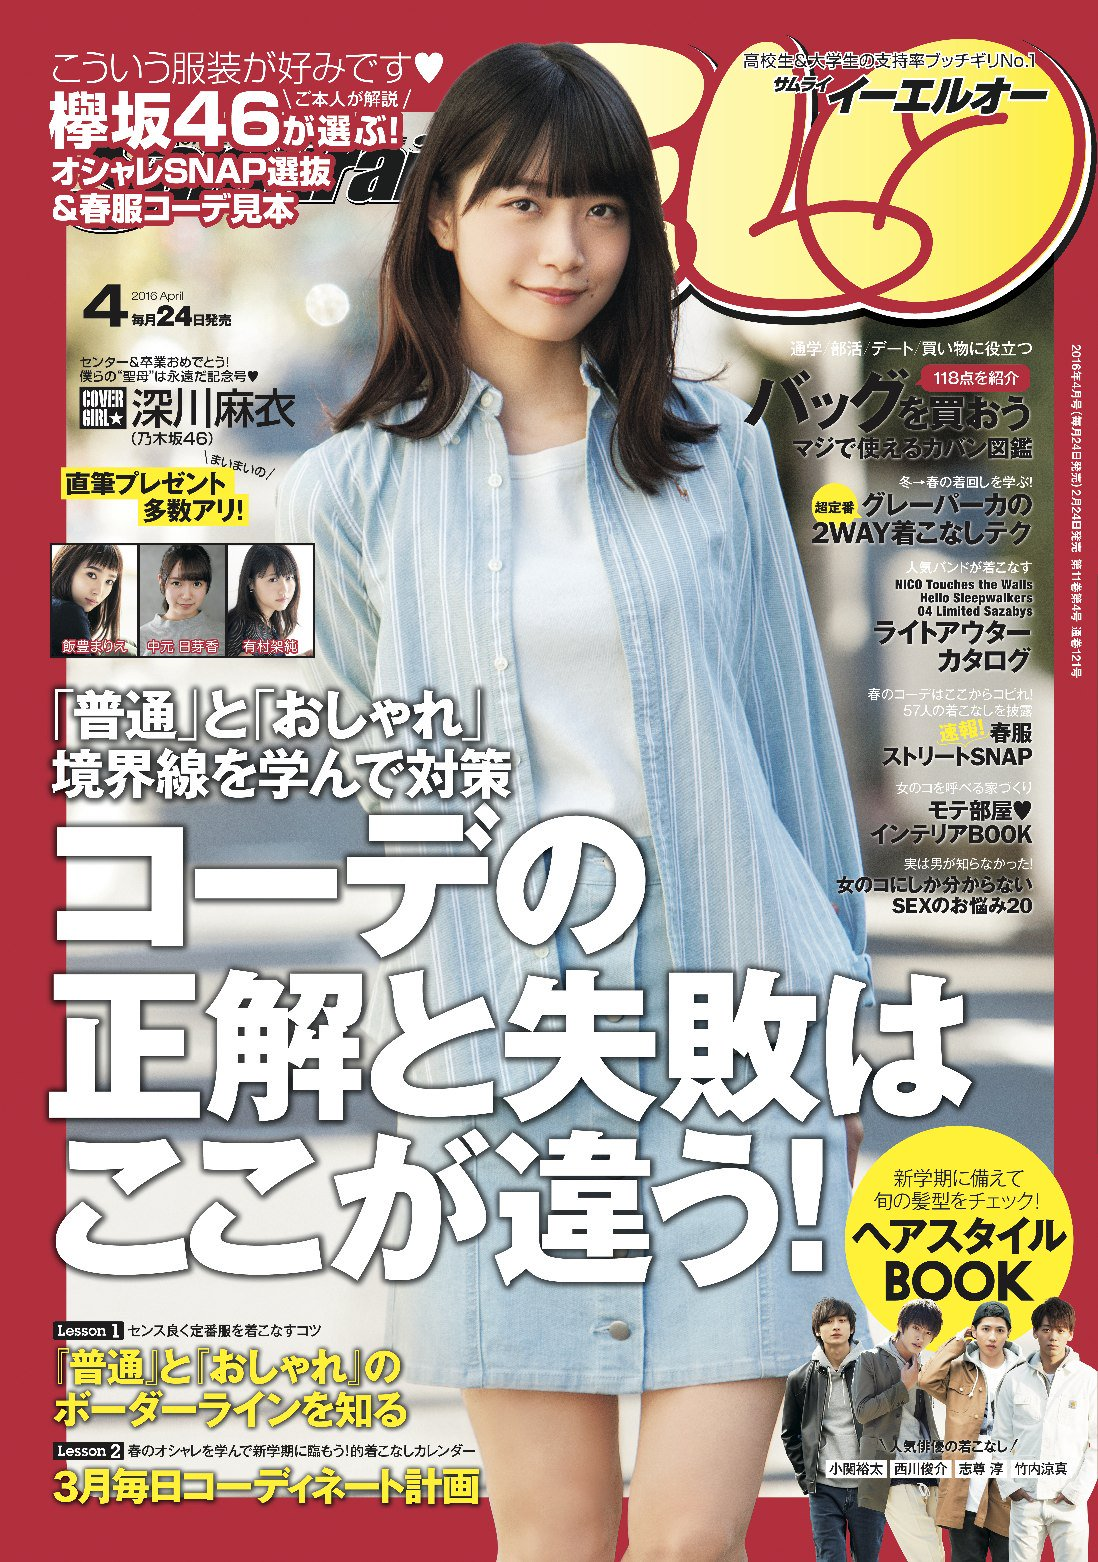 乃木坂46深川麻衣が「今」を語る「blt graph.」vol.6の表紙が公開